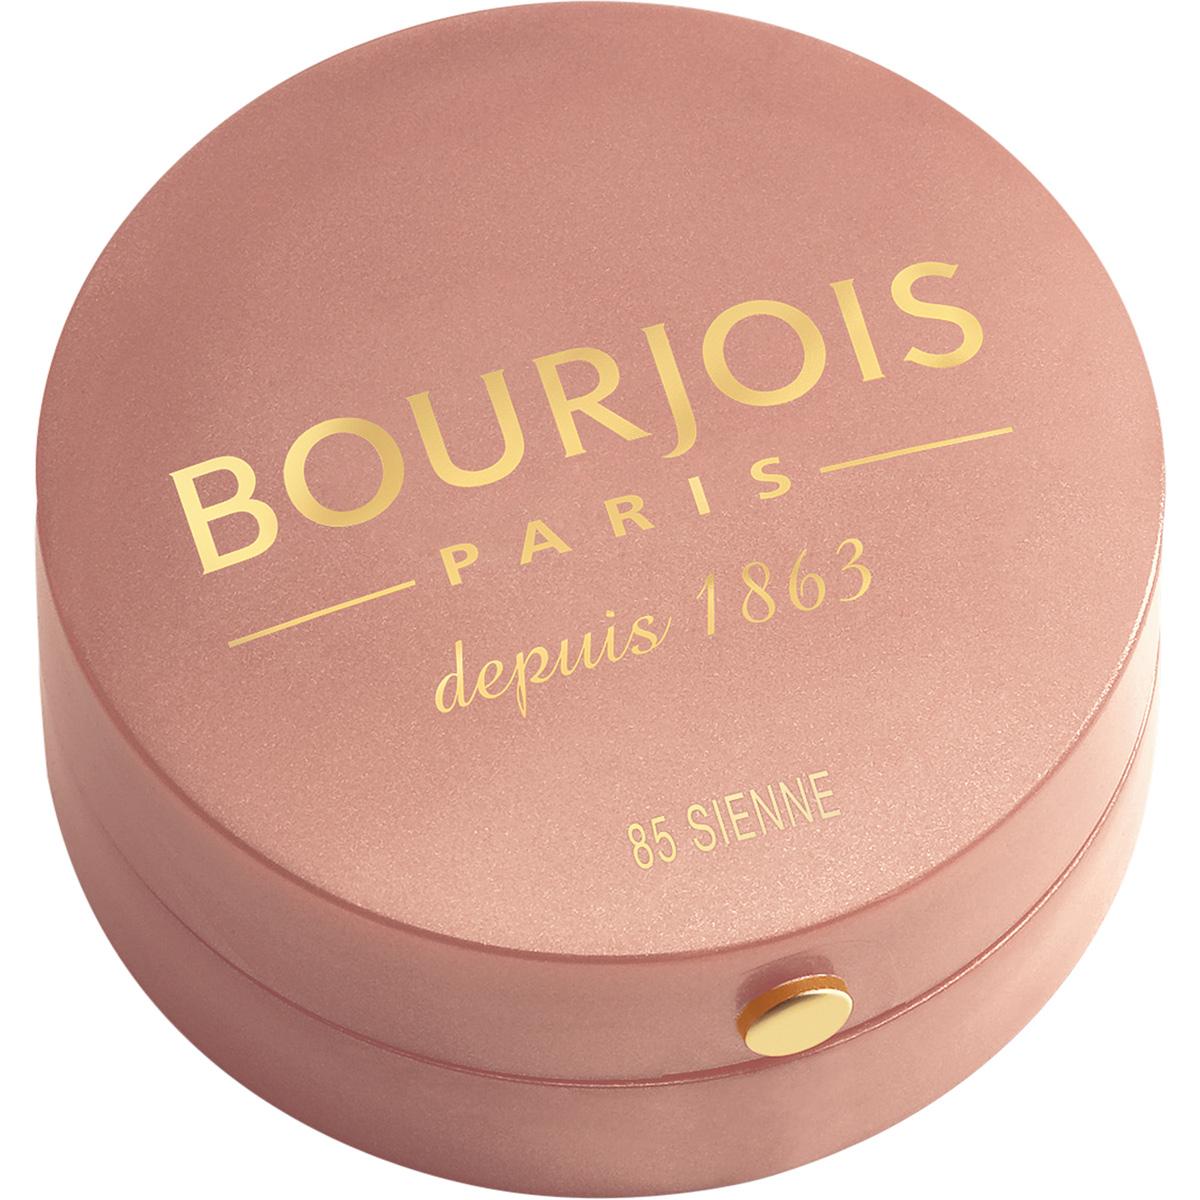 Bourjois Румяна blush 85 тон 2 мл29101562085Продукт - символ марки Bourjois, выпускаемый с 1863 года.Шелковая текстура румян при соприкосновении с кожей превращается в легкую, бархатистую пудру. Румяна невероятно легко наносятся и идеально ложатся. Твоя кожа выглядит потрясающе! Нежнейшая кисточка из натурального колонка творит чудеса! Потрясающая отдушка с ароматом розы, характерная для румян Bourjos, создает настроение легкости, а встроенное зеркальце облегчает нанесение.Cтолько соблазна в одной маленькой круглой баночке!